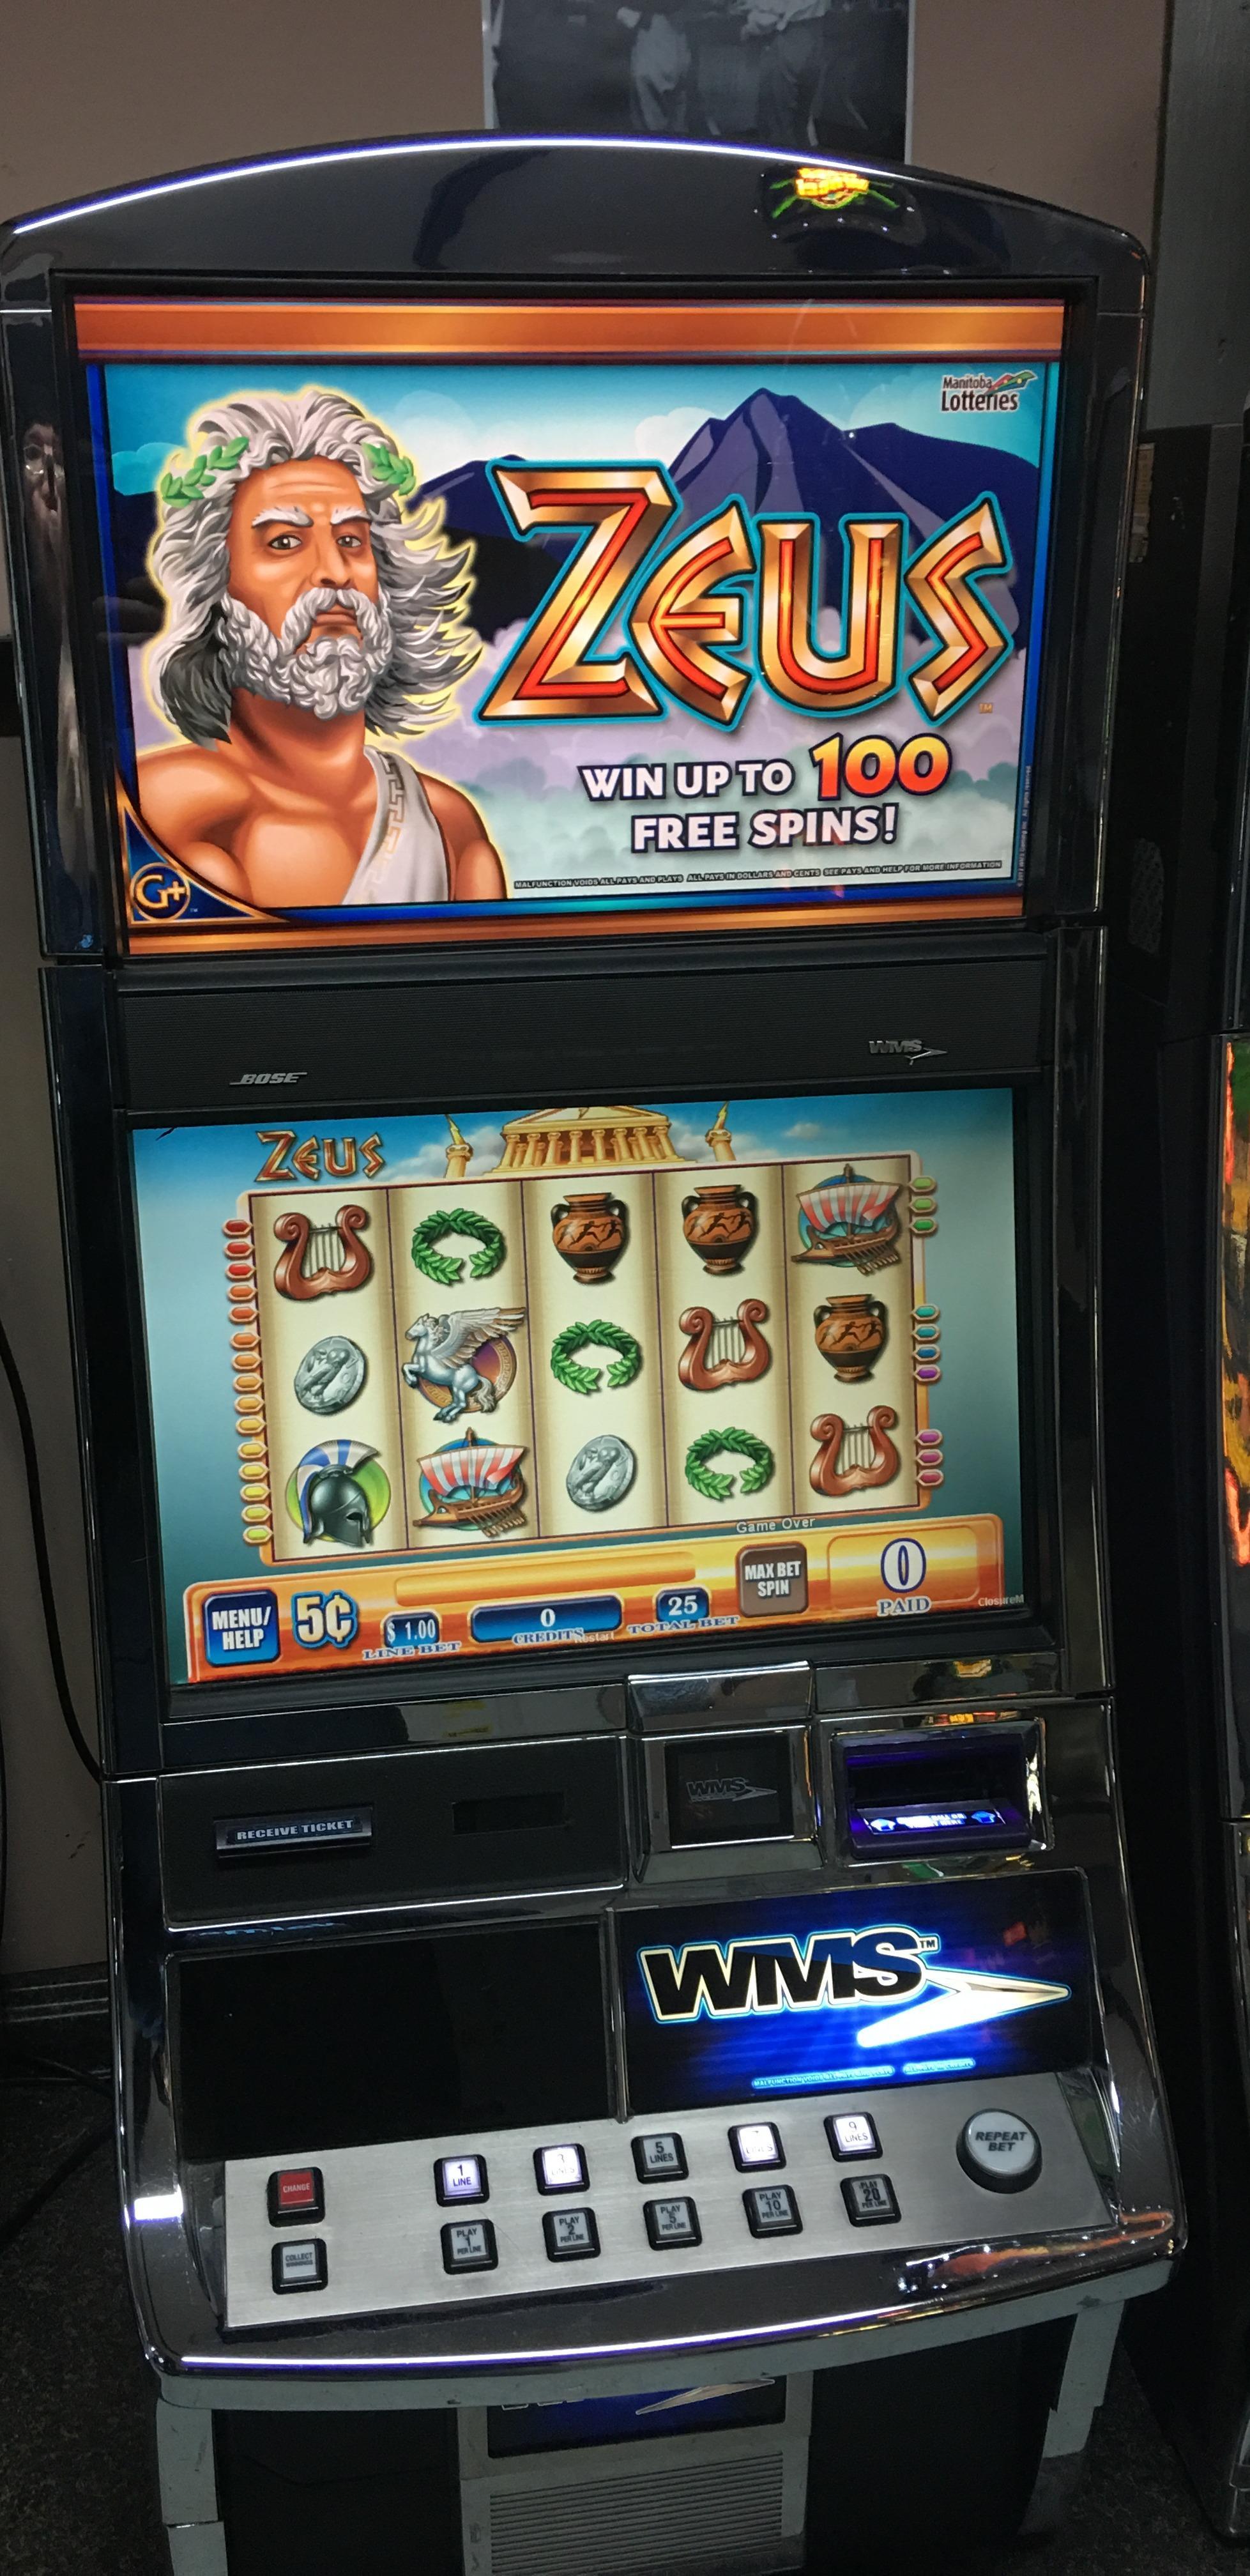 Westfield Slots image 2